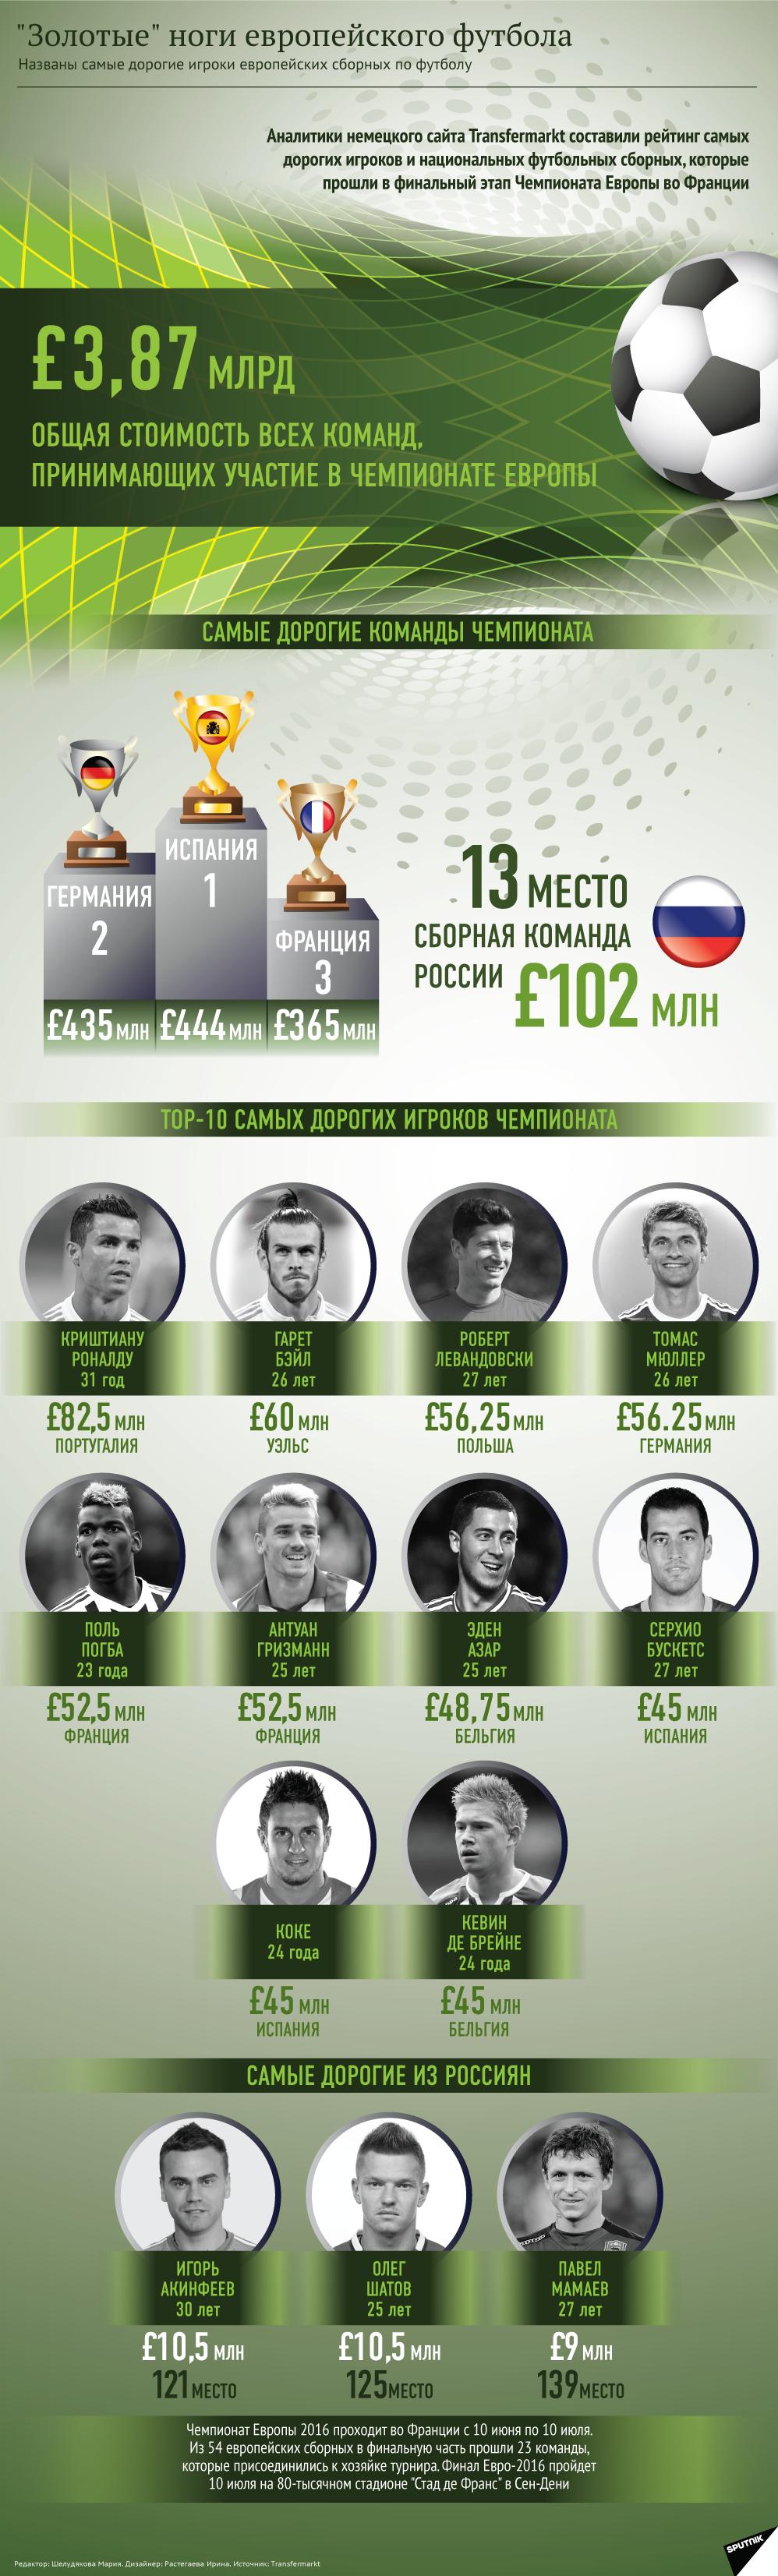 Самые дорогие футболисты на Евро-2016